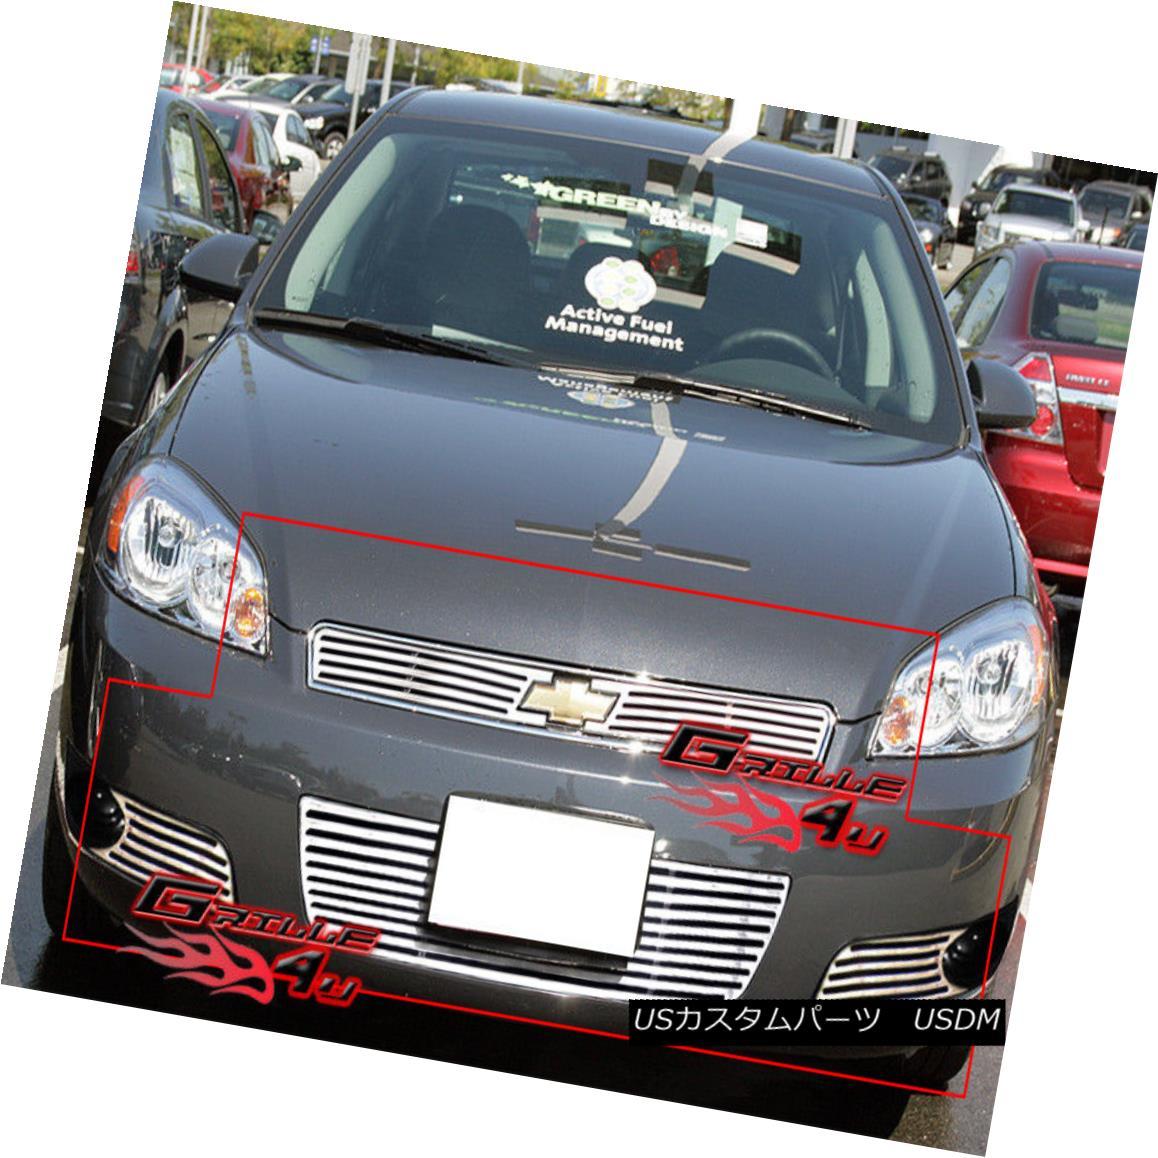 グリル Fits 2006-2013 Impala /2006-2007 Monte Carlo Perimeter Grille insert Combo フィット2006-2013インパラ/ 2006-2007モンテカルロペリメーターグリルインサートコンボ